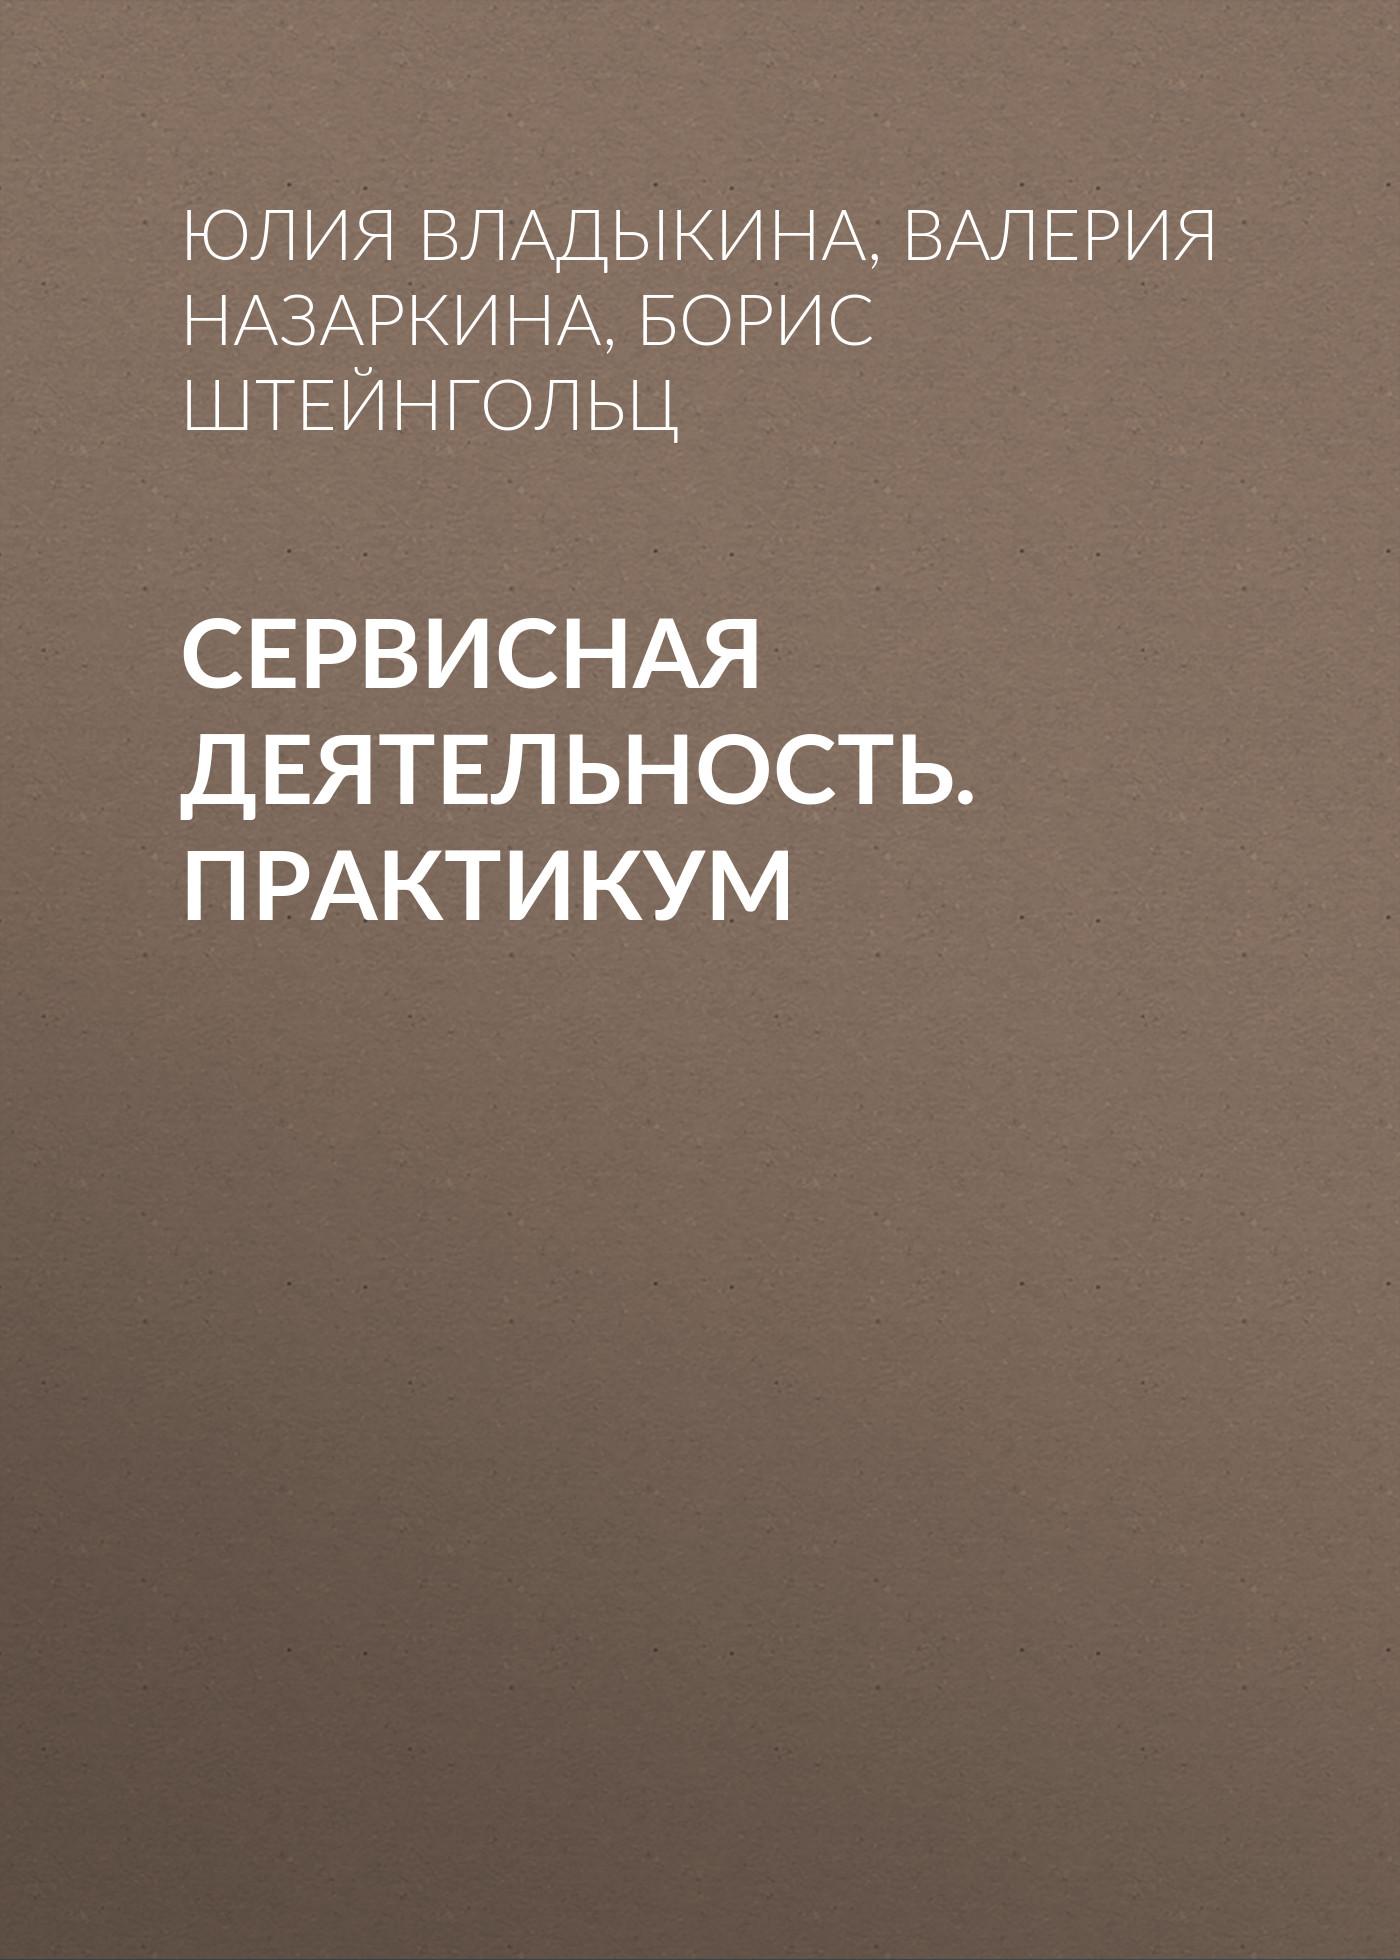 Юлия Владыкина Сервисная деятельность. Практикум галина павлова сервисная деятельность